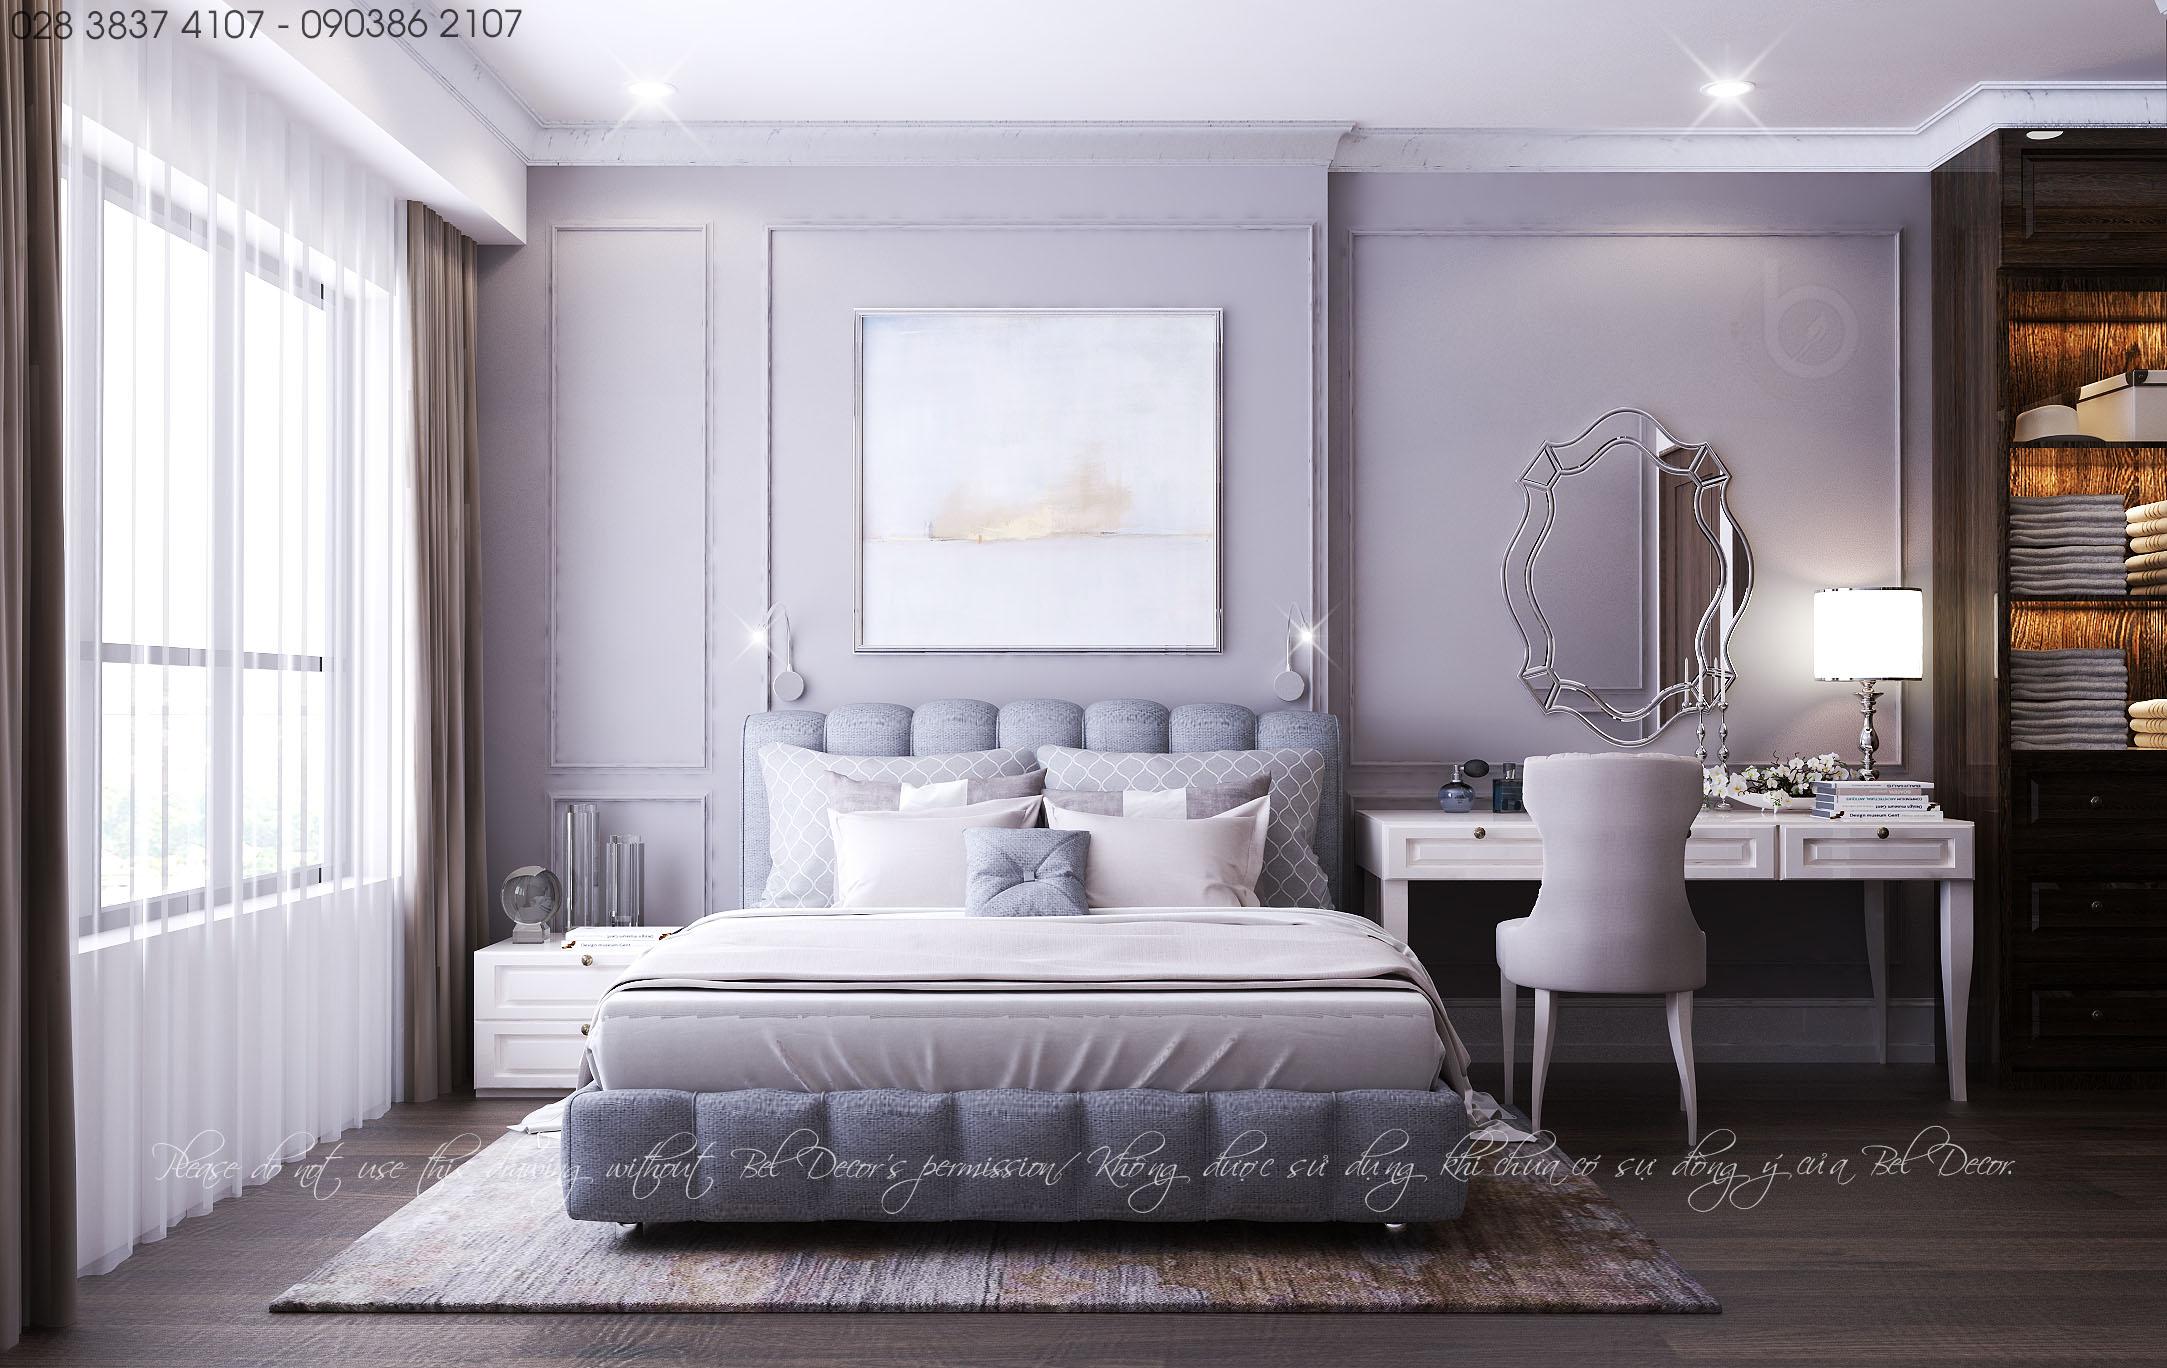 thiết kế nội thất chung cư tại Hồ Chí Minh THIẾT KẾ NỘI THẤT CĂN HỘ (HO1895) 4 1557475034